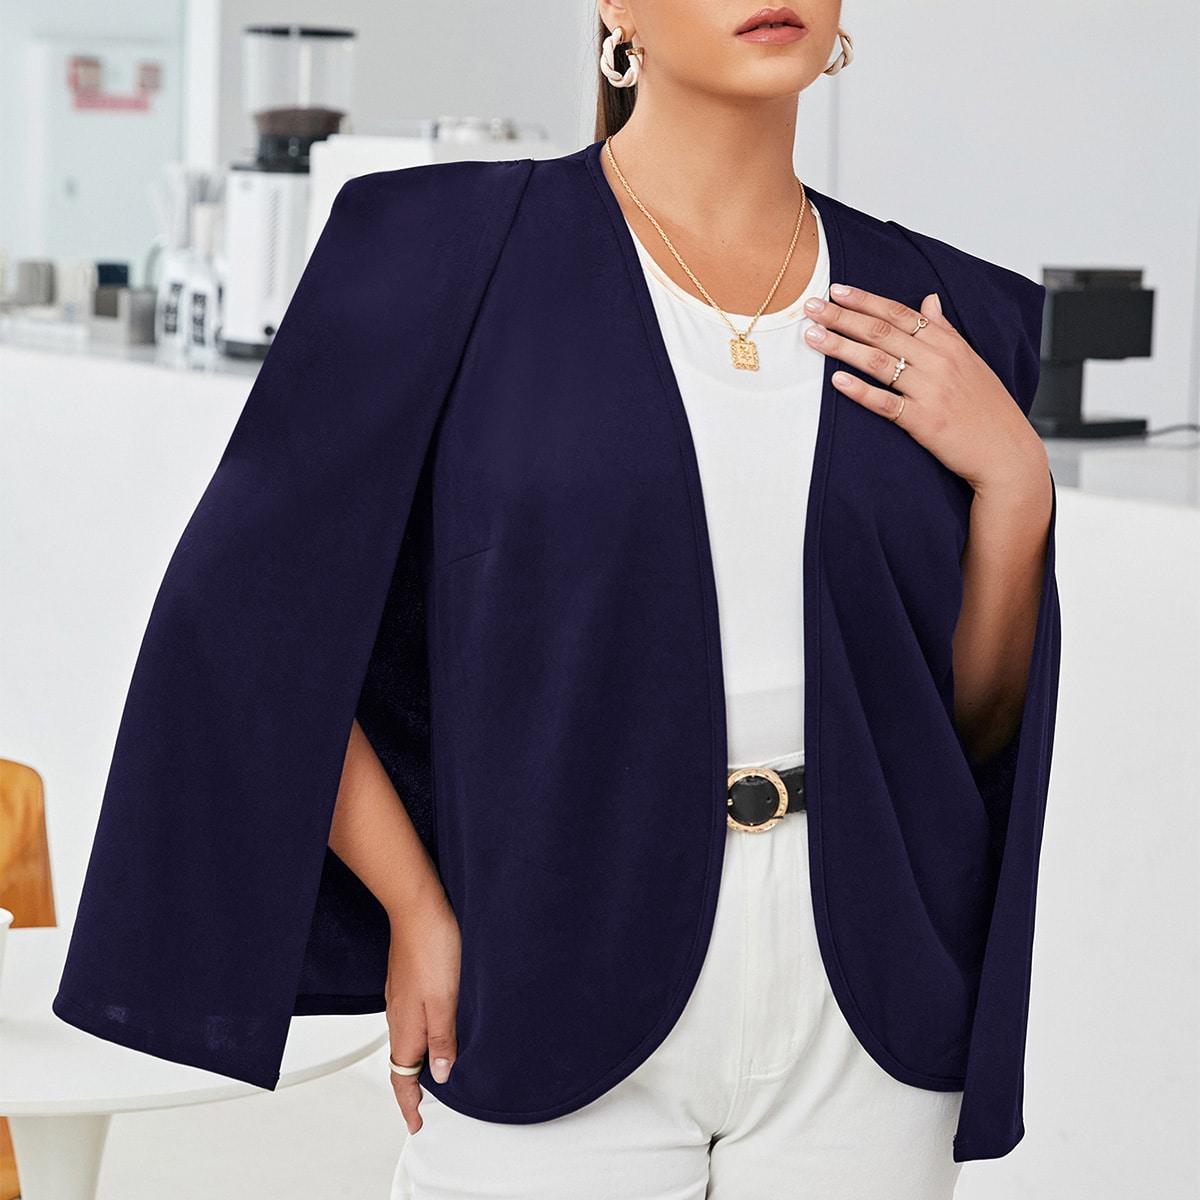 Пиджак-накидка размера плюс